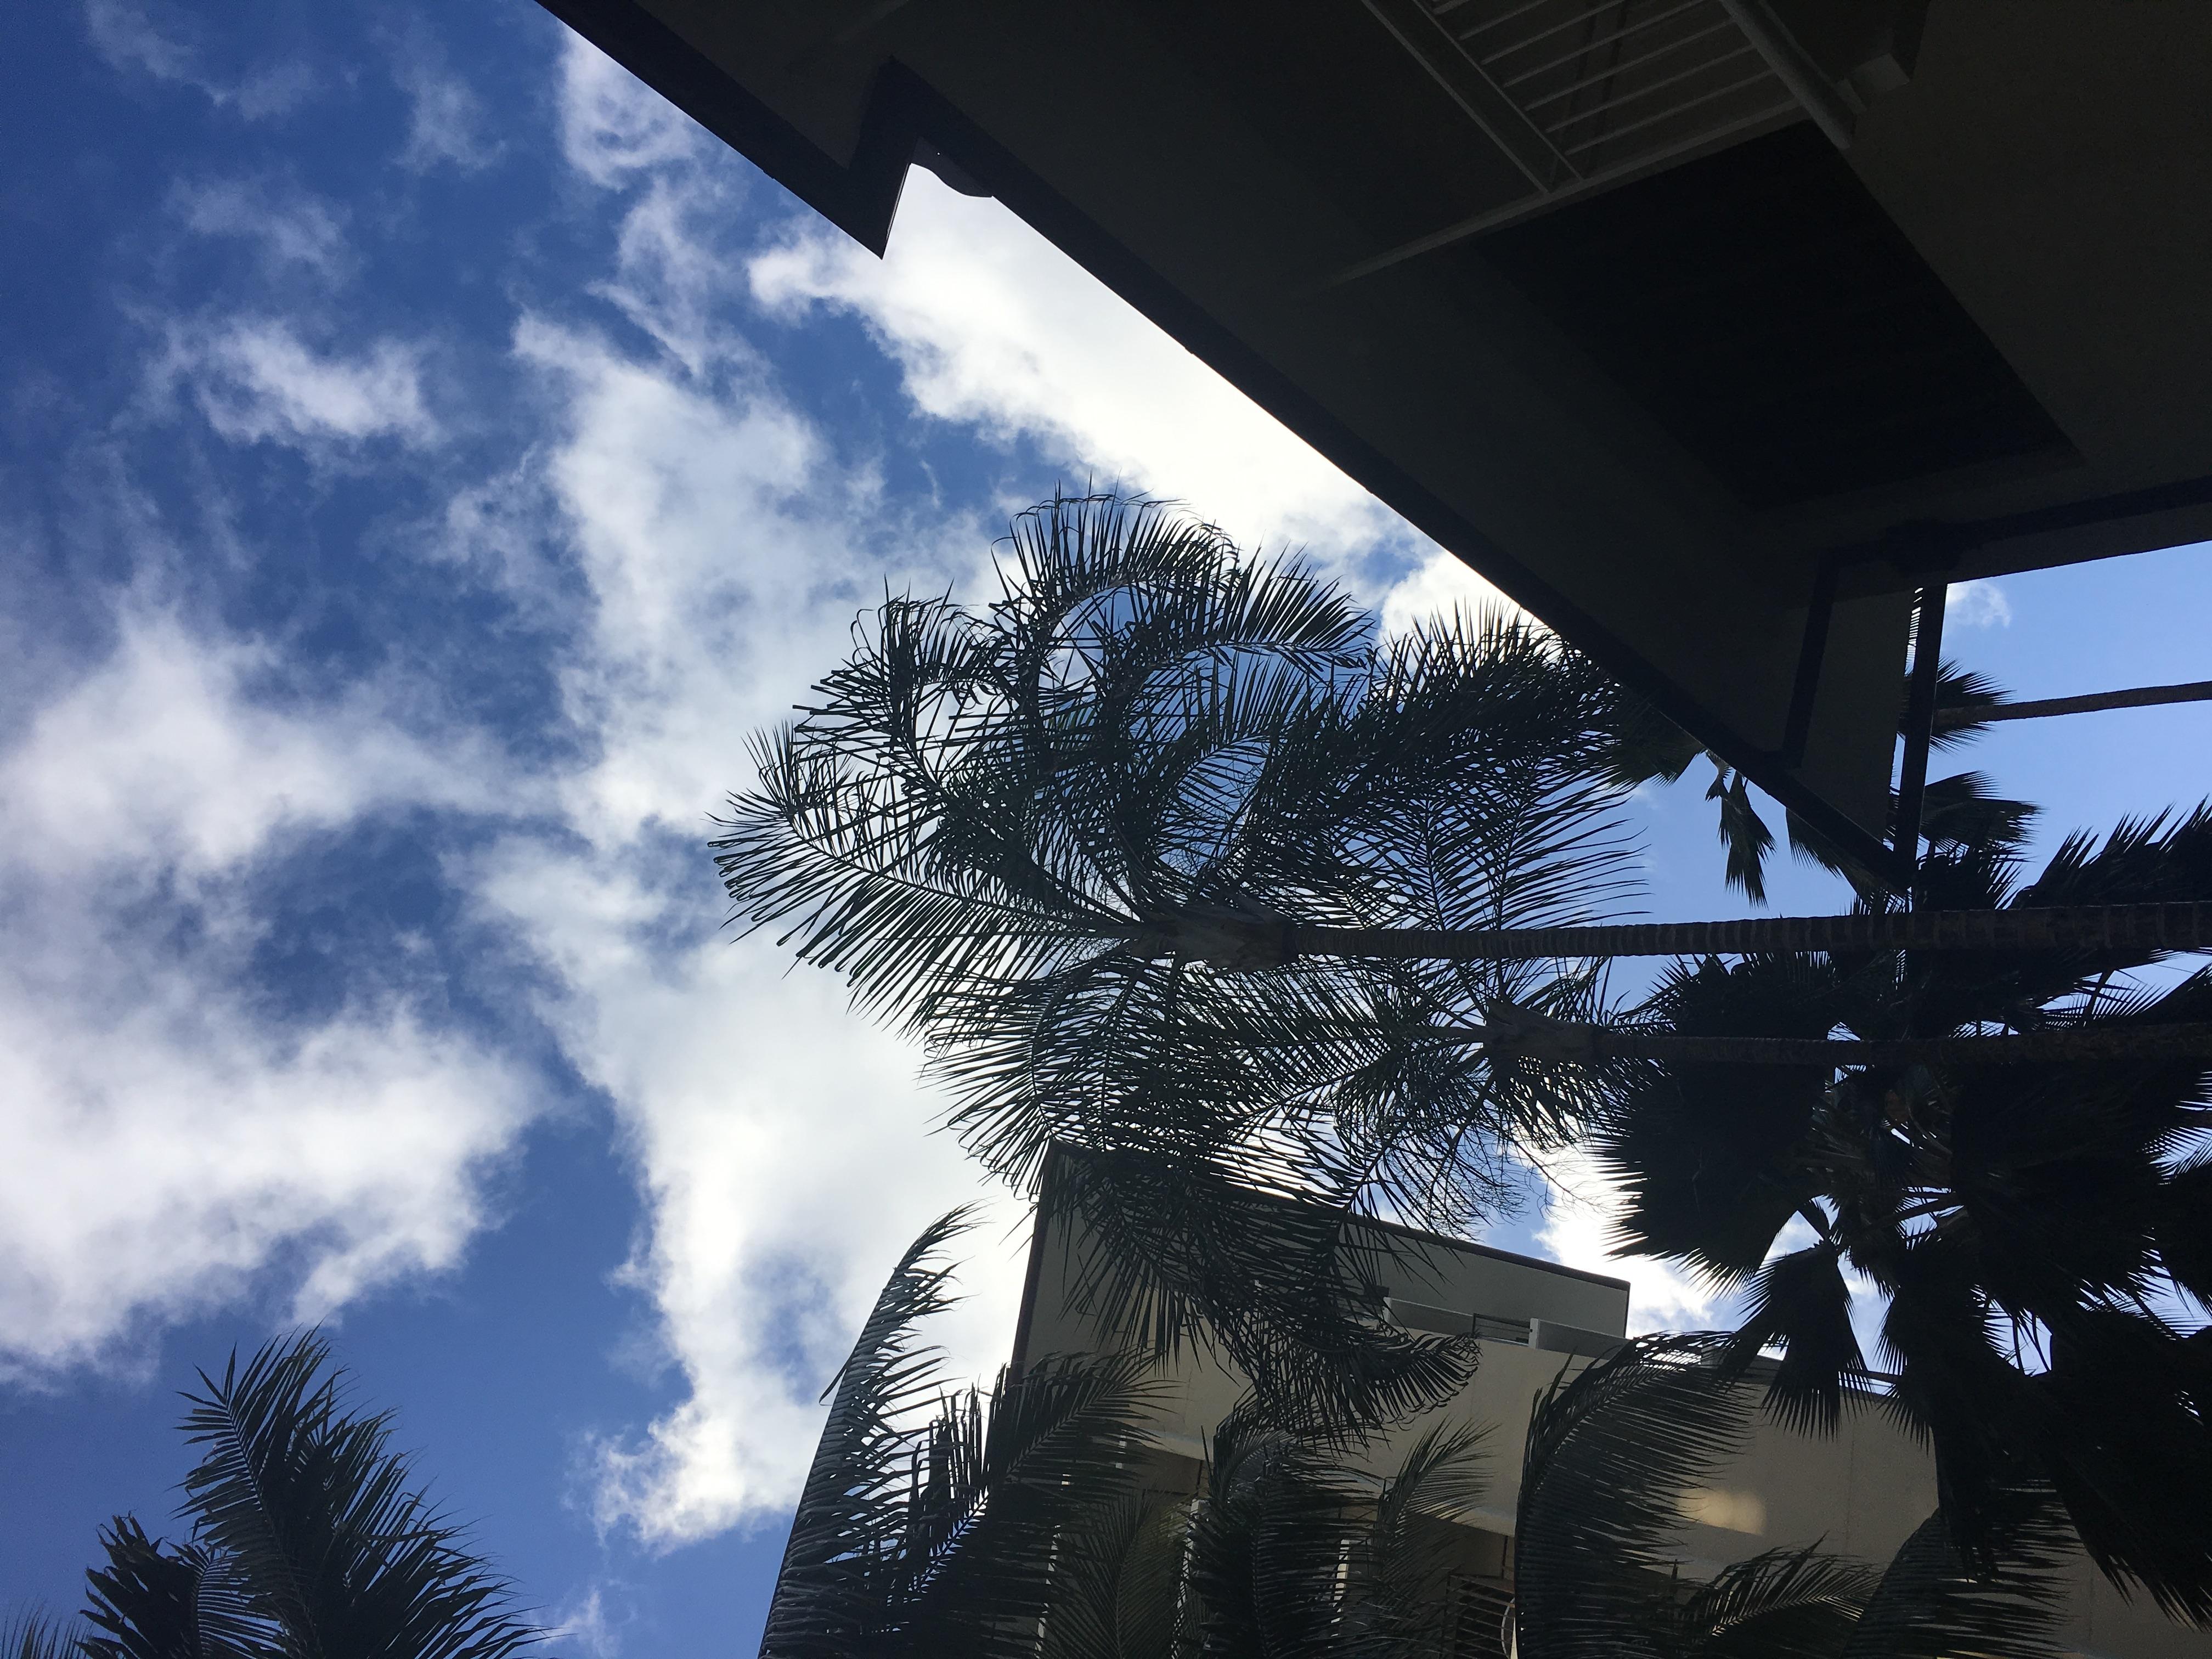 【アラモアナ・ショッピングセンター編】子連れハワイ旅行2018(3歳男、1歳女)4泊6日トランプインターナショナルホテルワイキキへ滞在